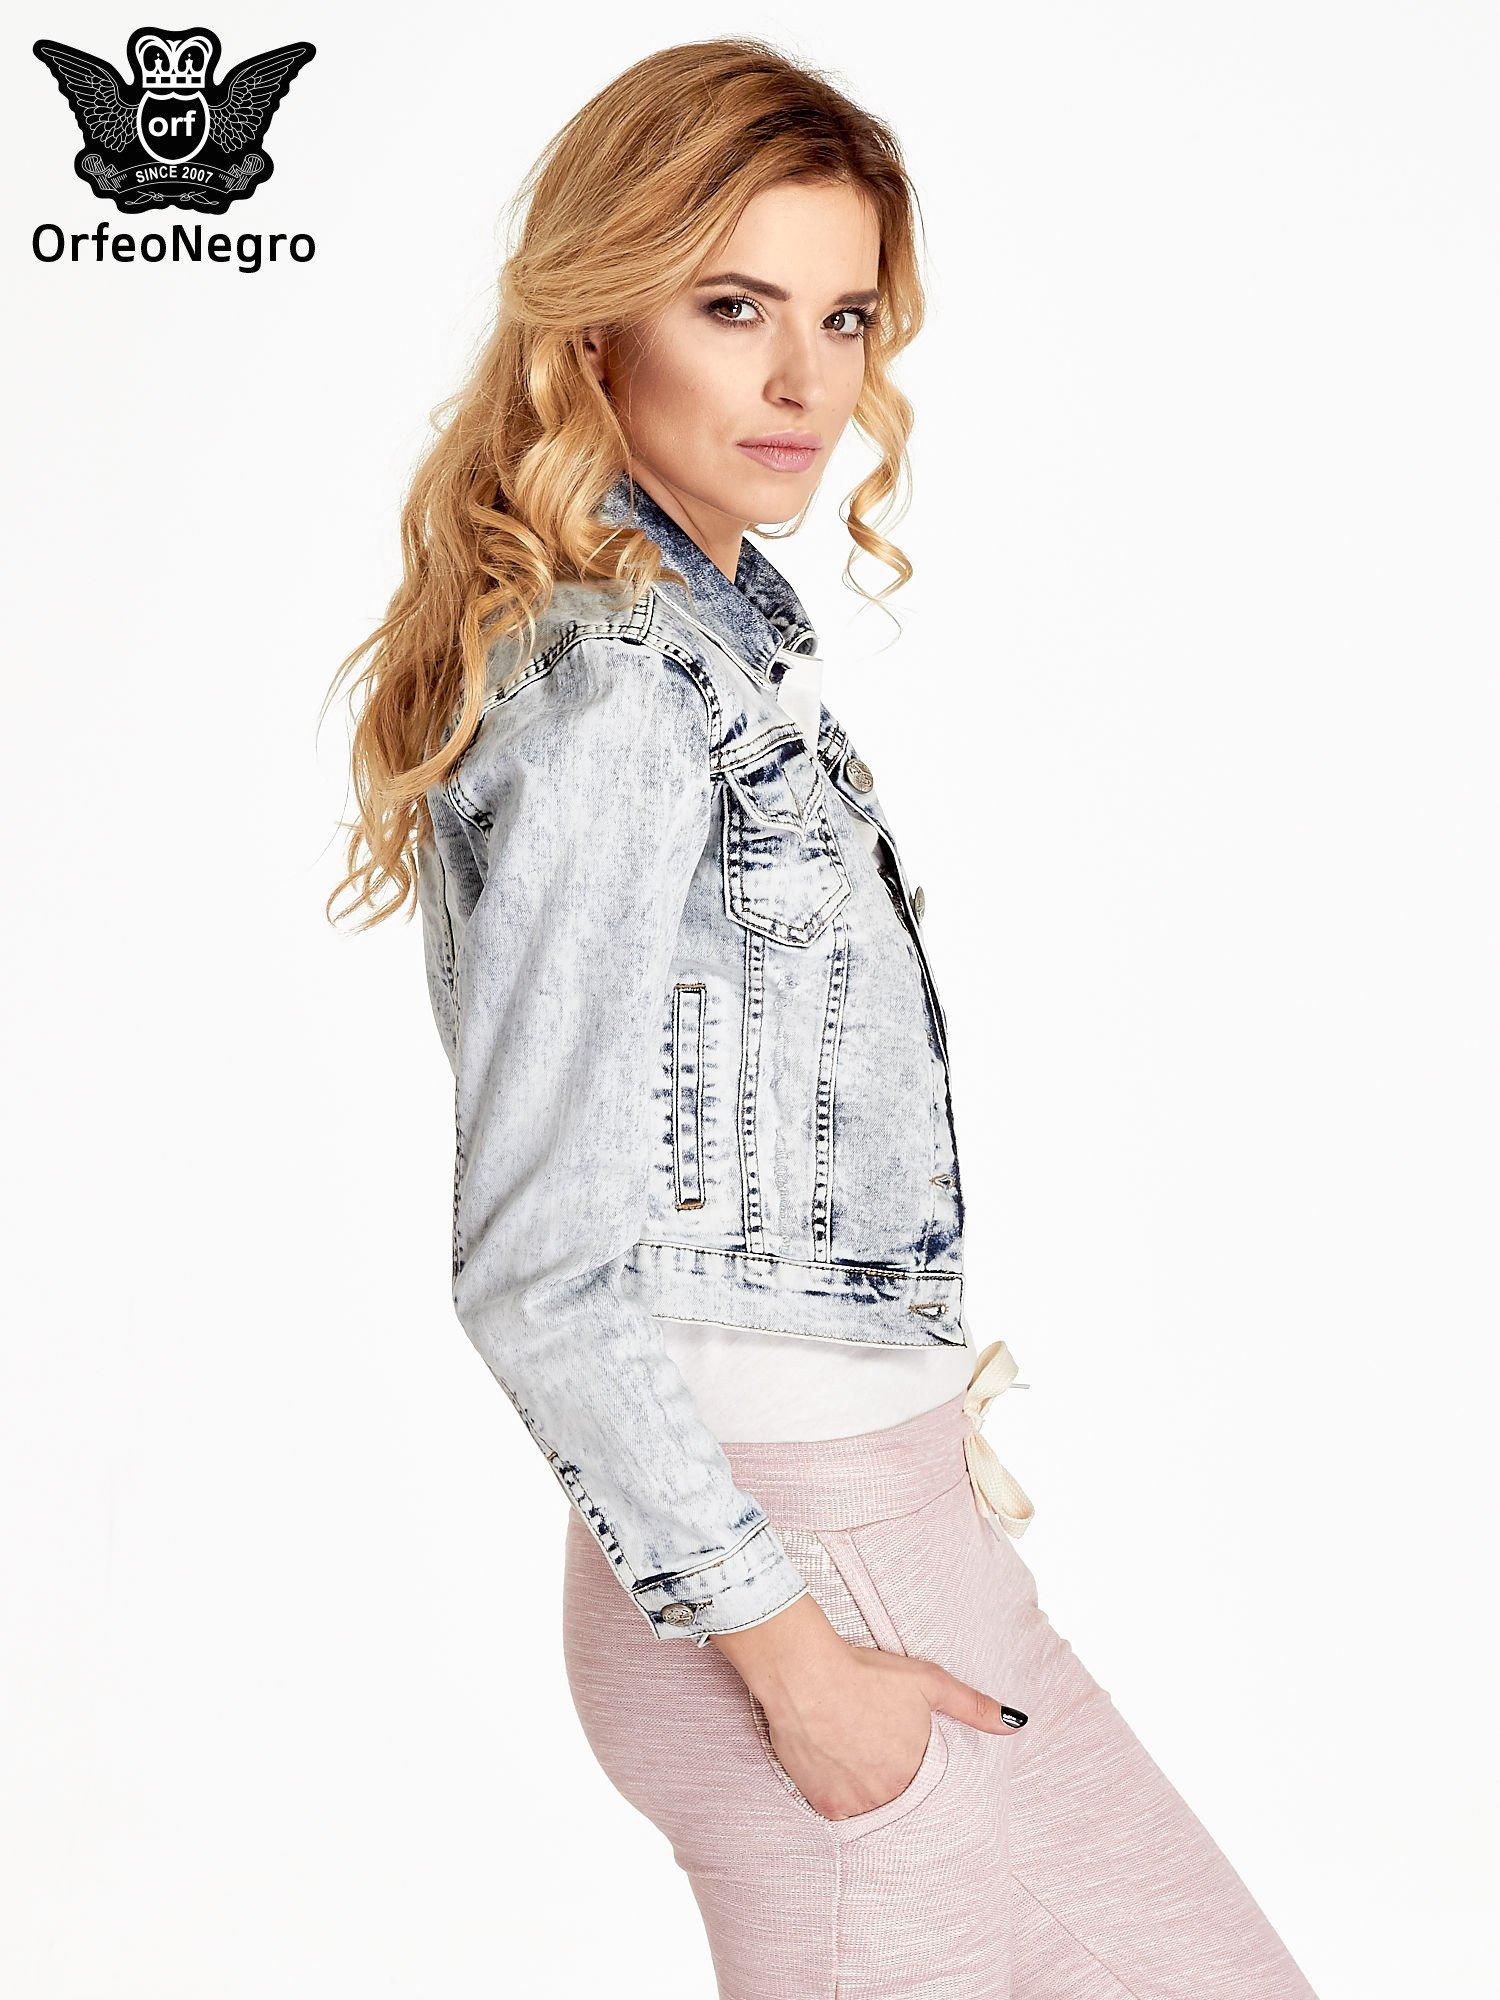 Jasnoniebieska kurtka jeansowa damska z efektem acid wash                                  zdj.                                  3